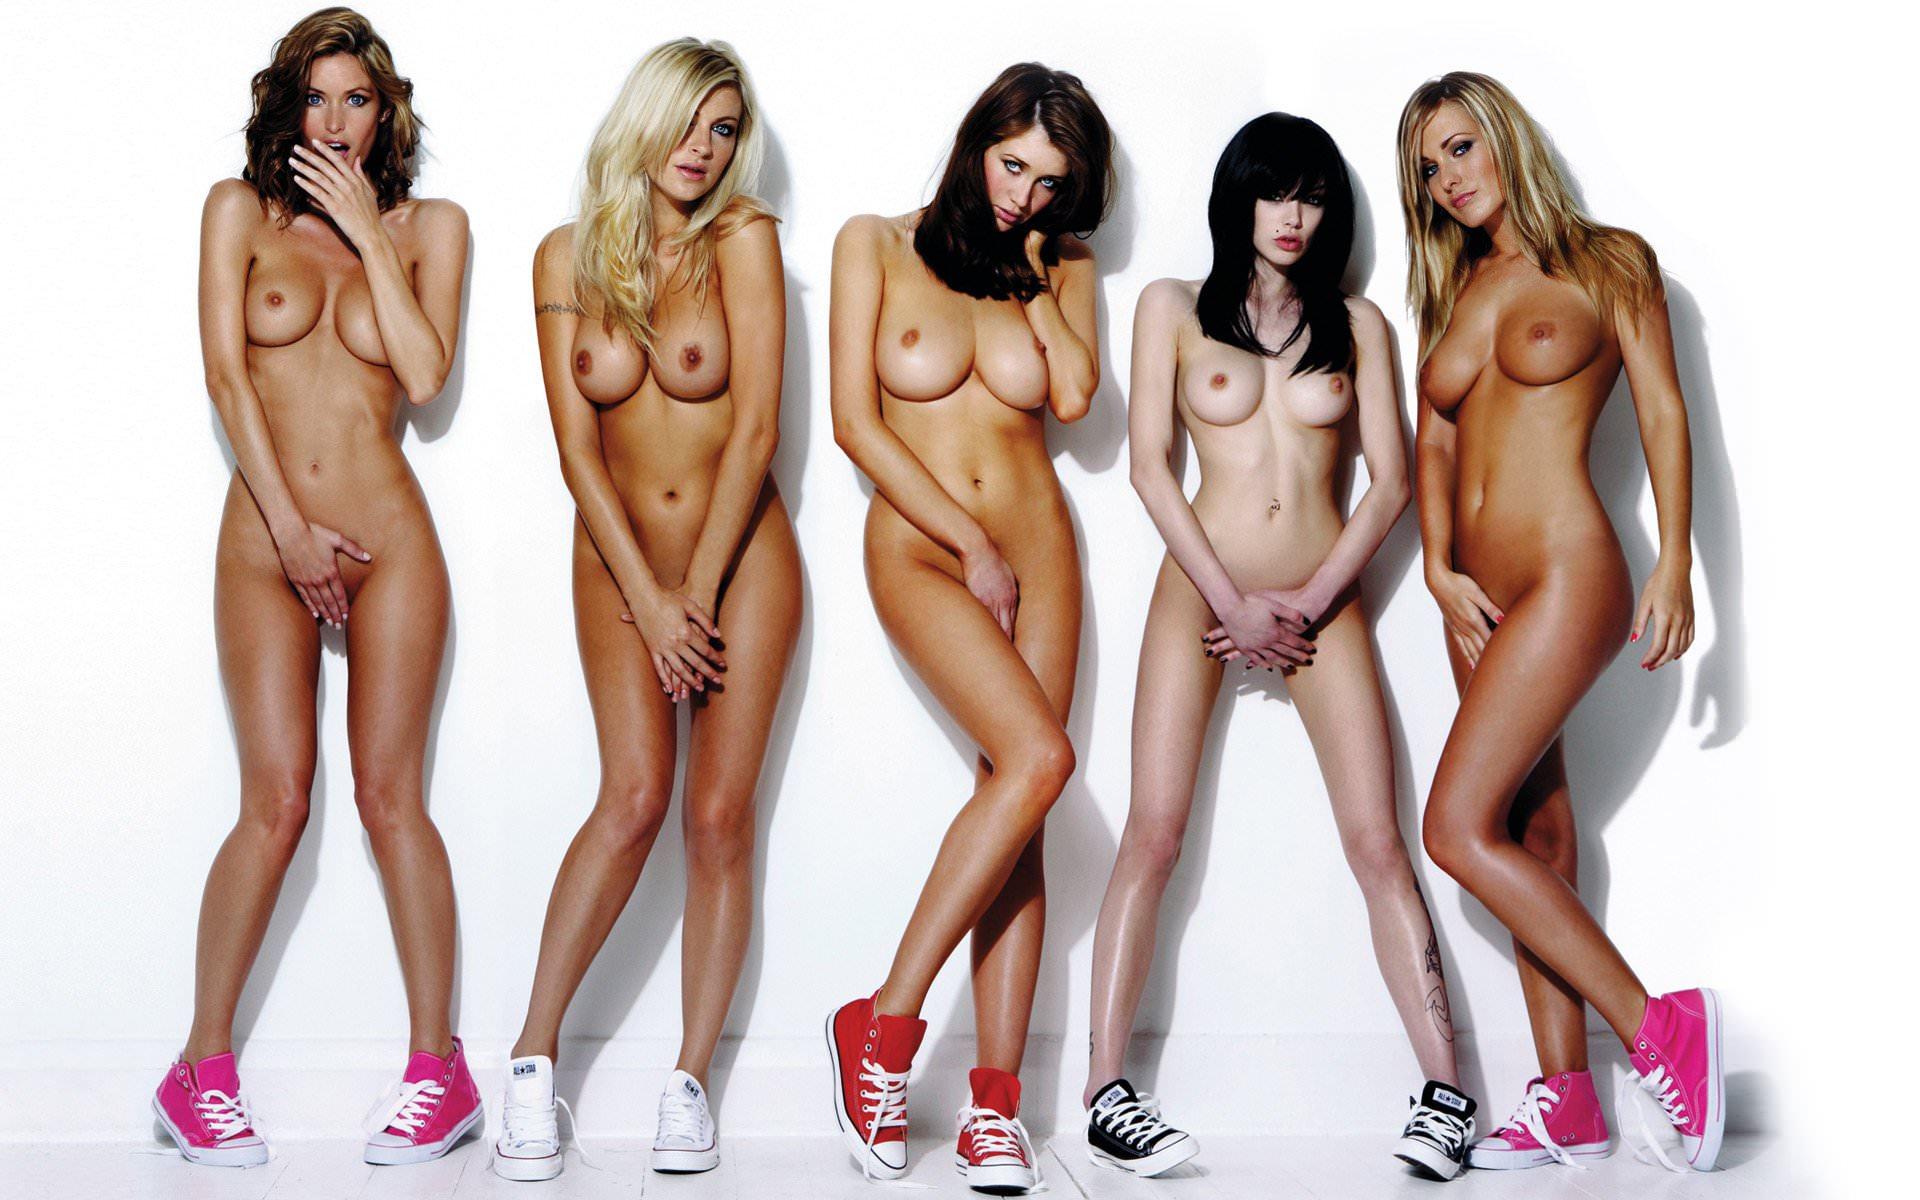 Фото голы девушки прикрывают пизду руками 26 фотография